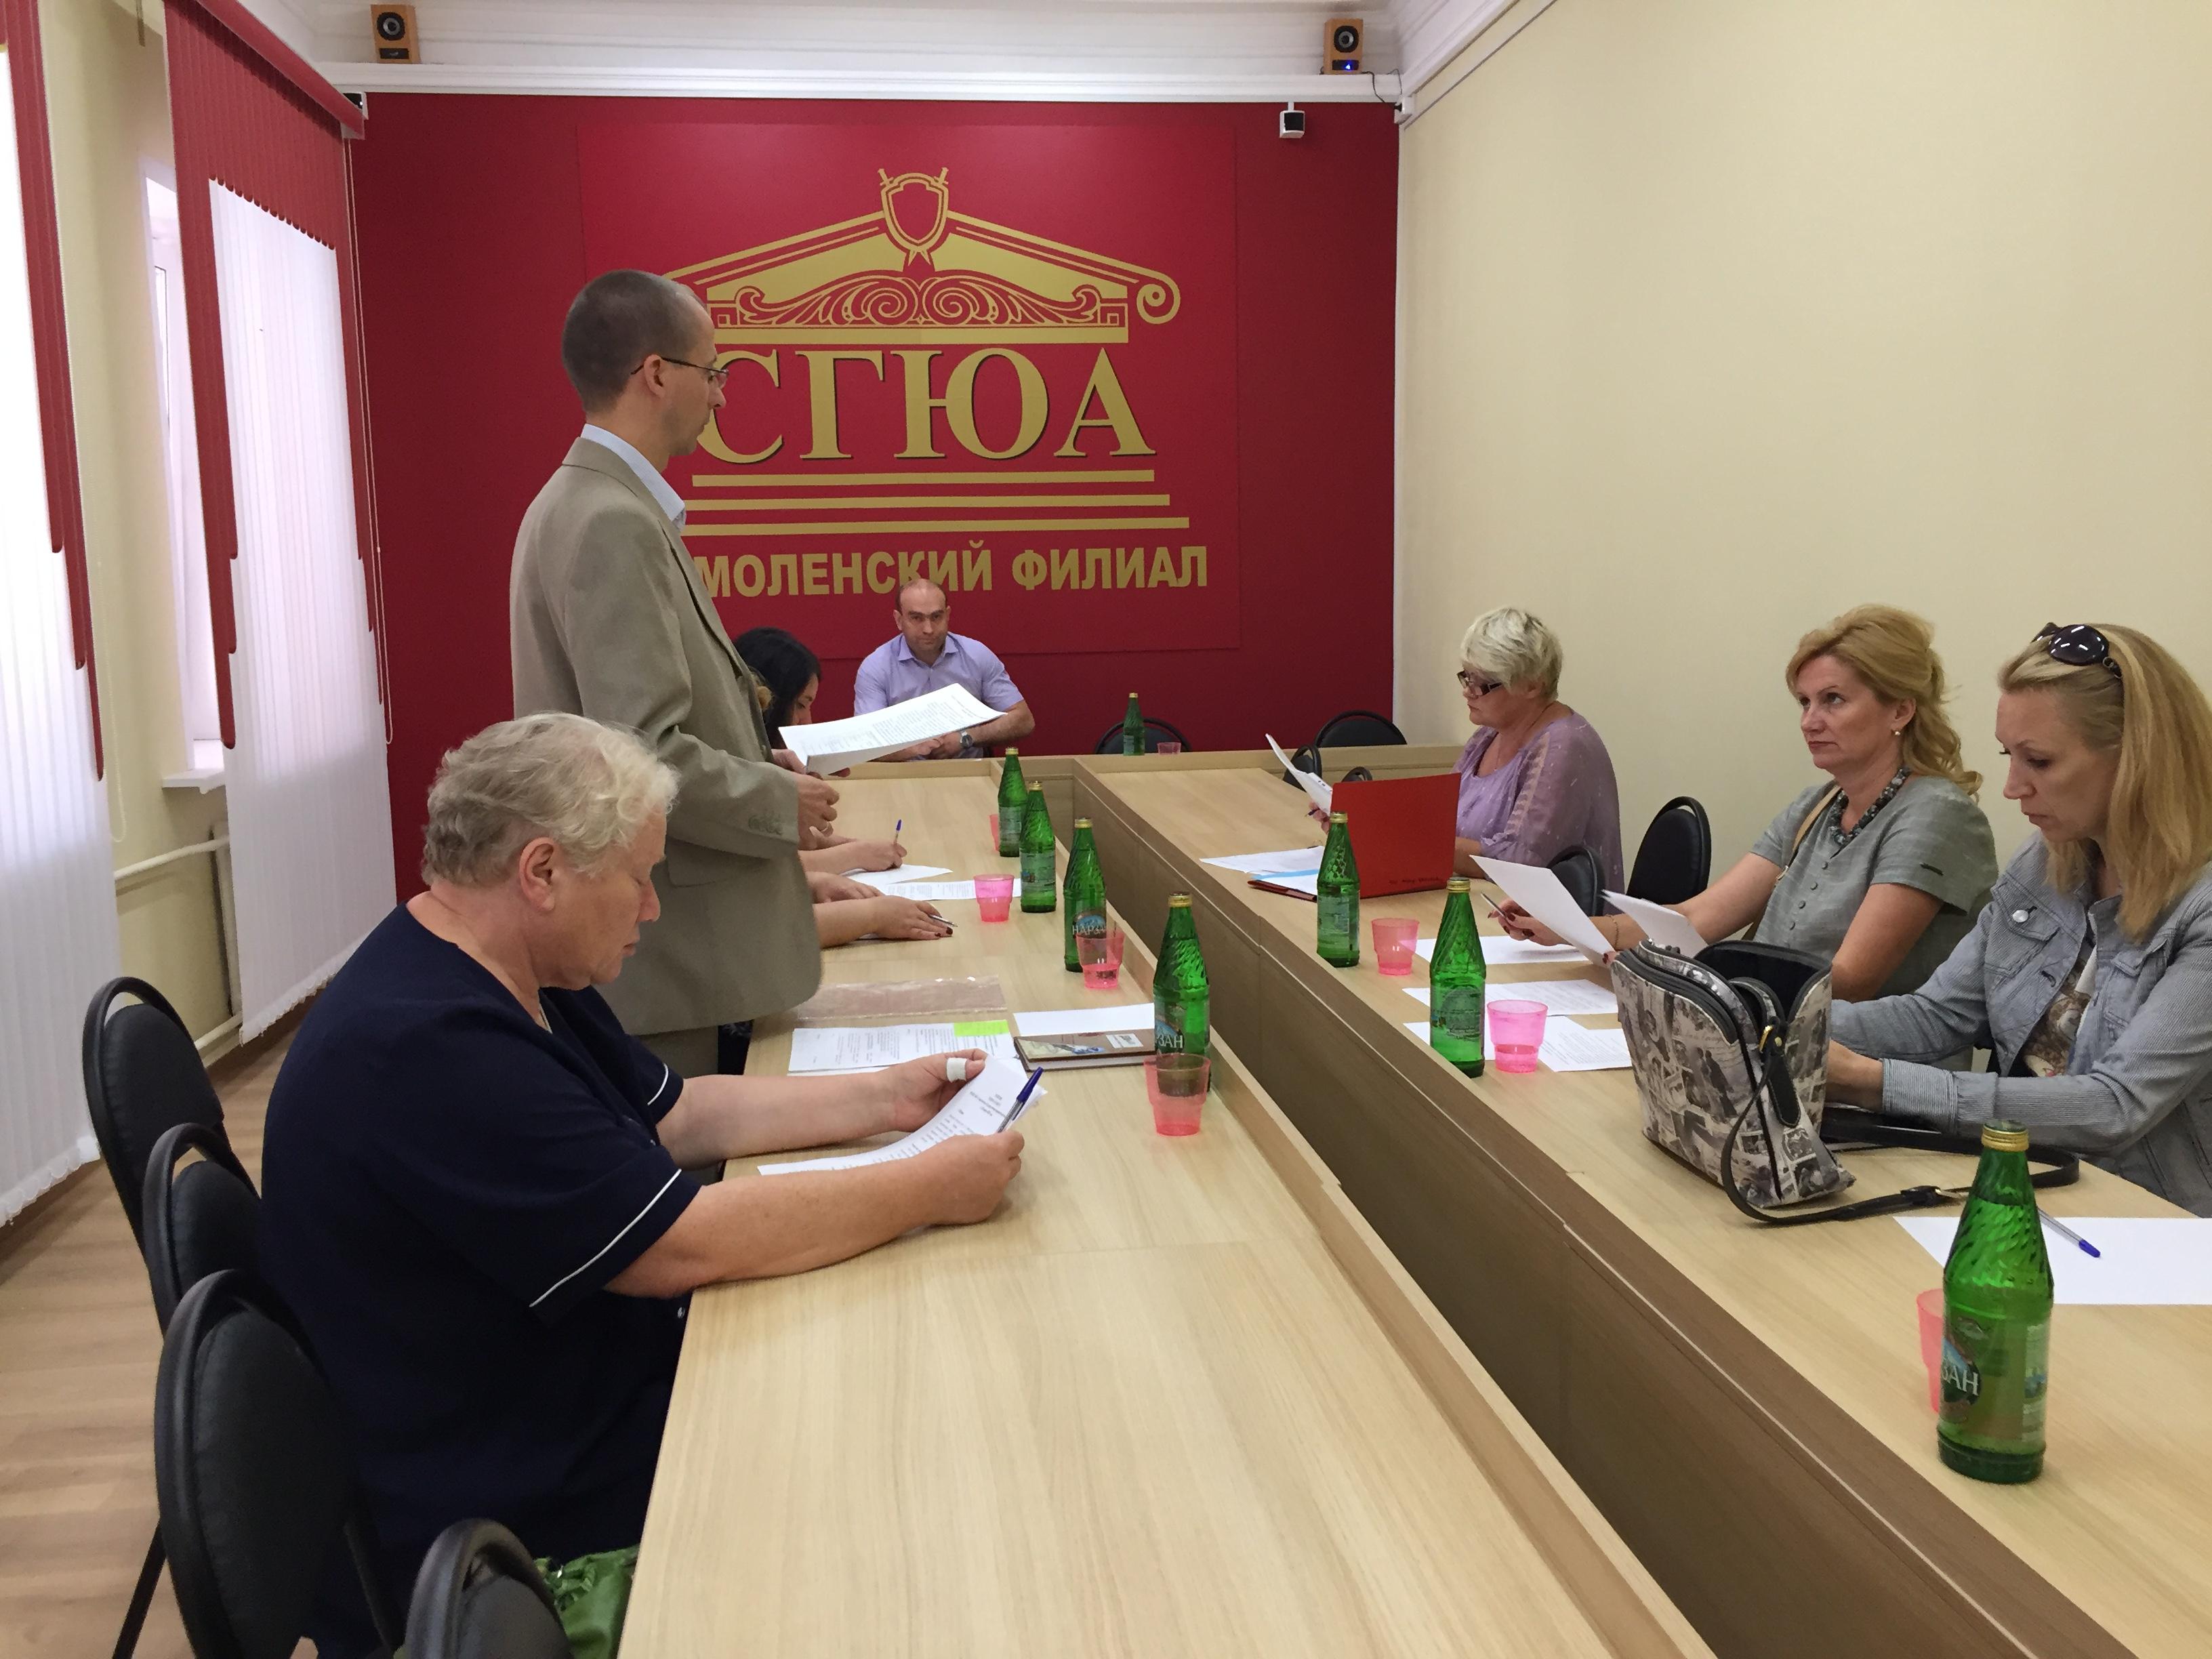 Саратовская государственная юридическая академия — филиал в г. Смоленск